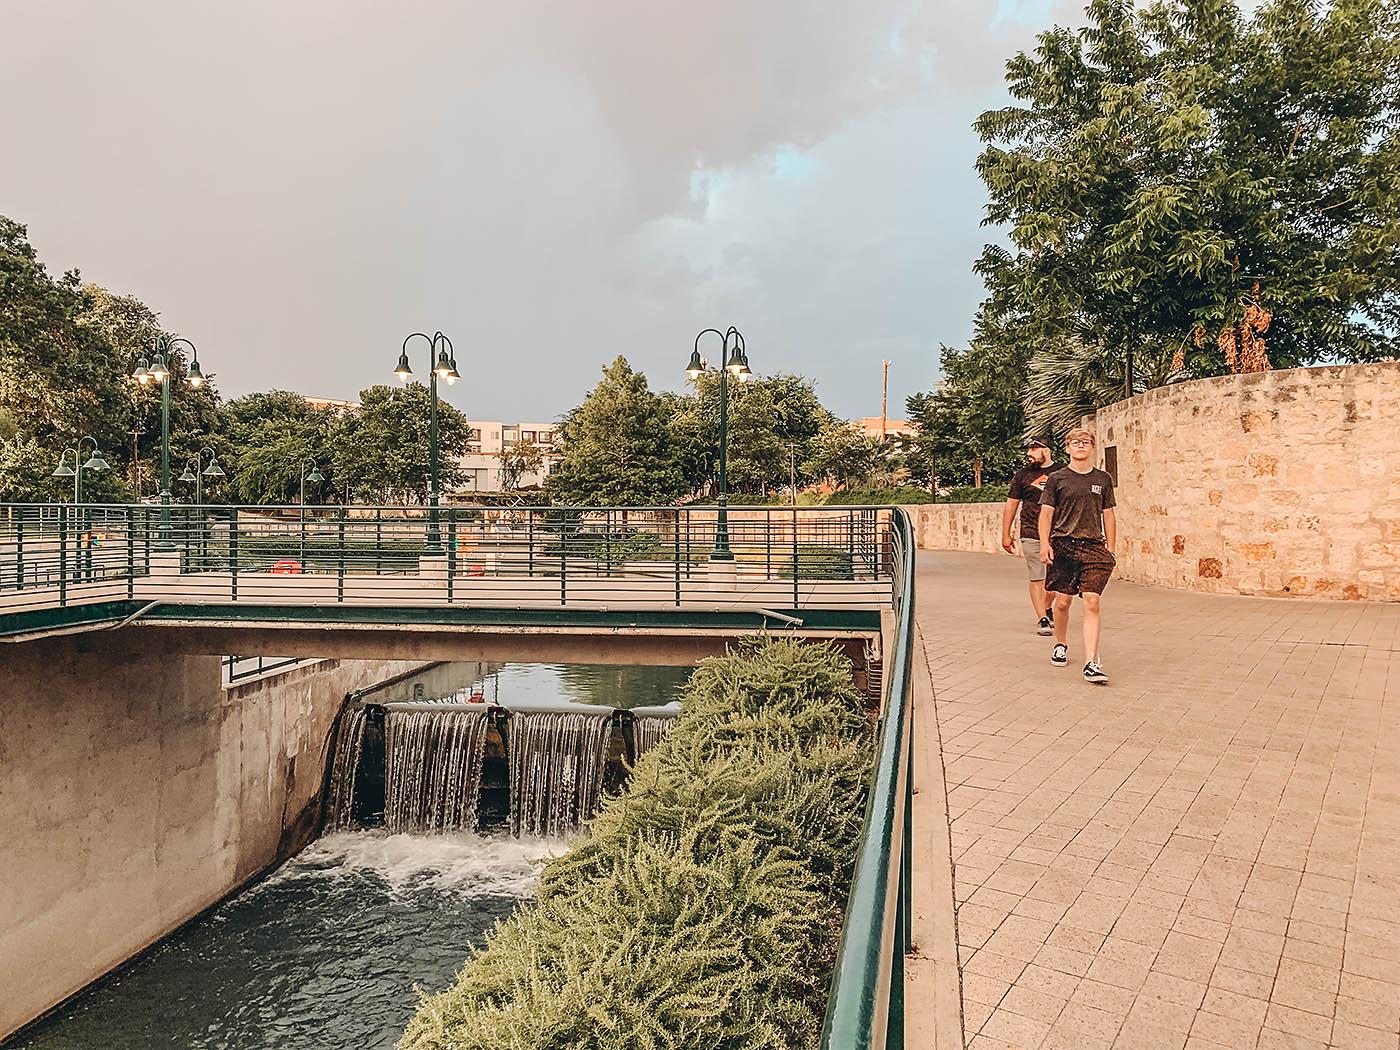 Teenaged boy walking on the San Antonio Riverwalk with waterfall below